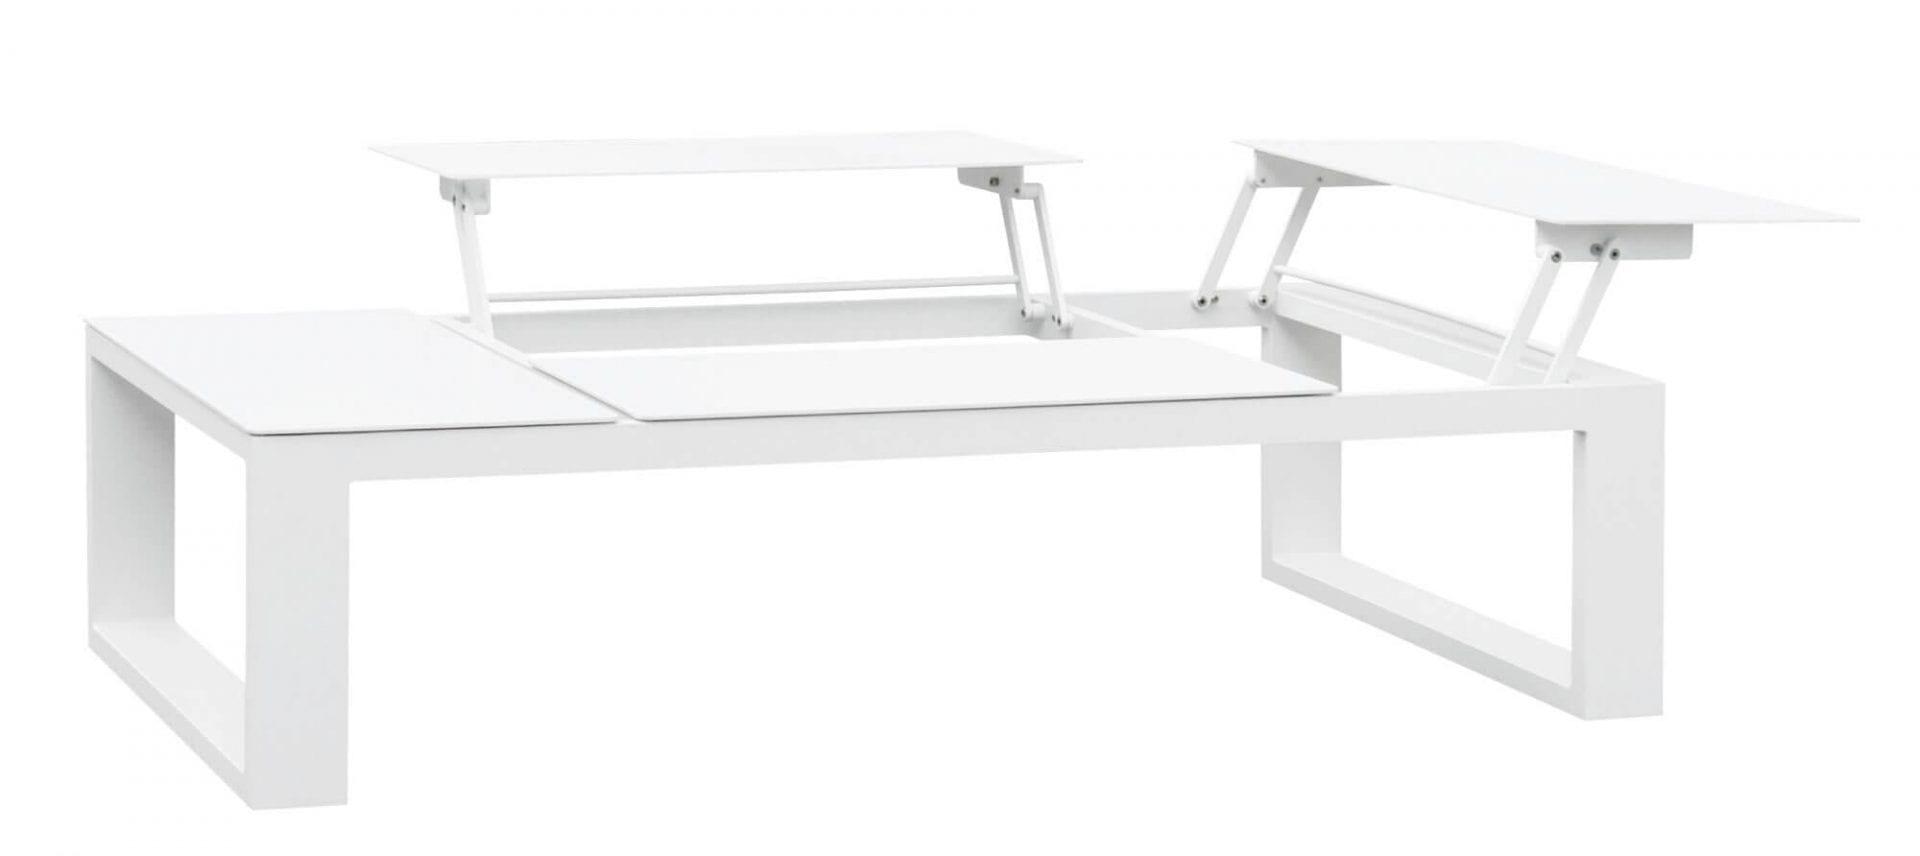 Gardenart-bord i hvit aluminium med oppløft